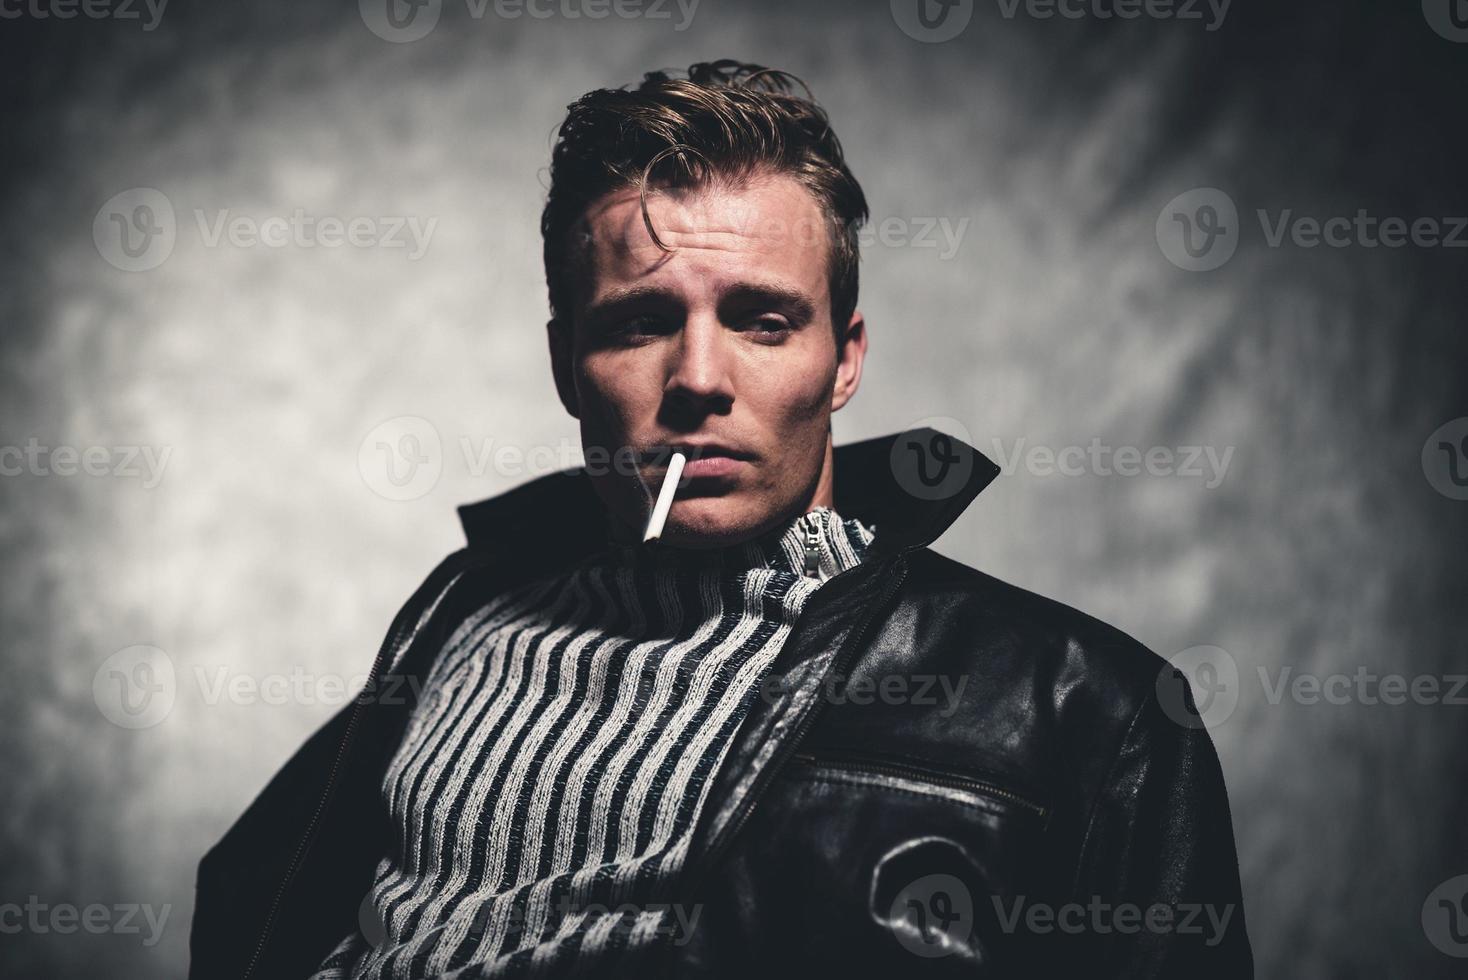 sigaret roken retro jaren vijftig cool rebellie mode man. foto